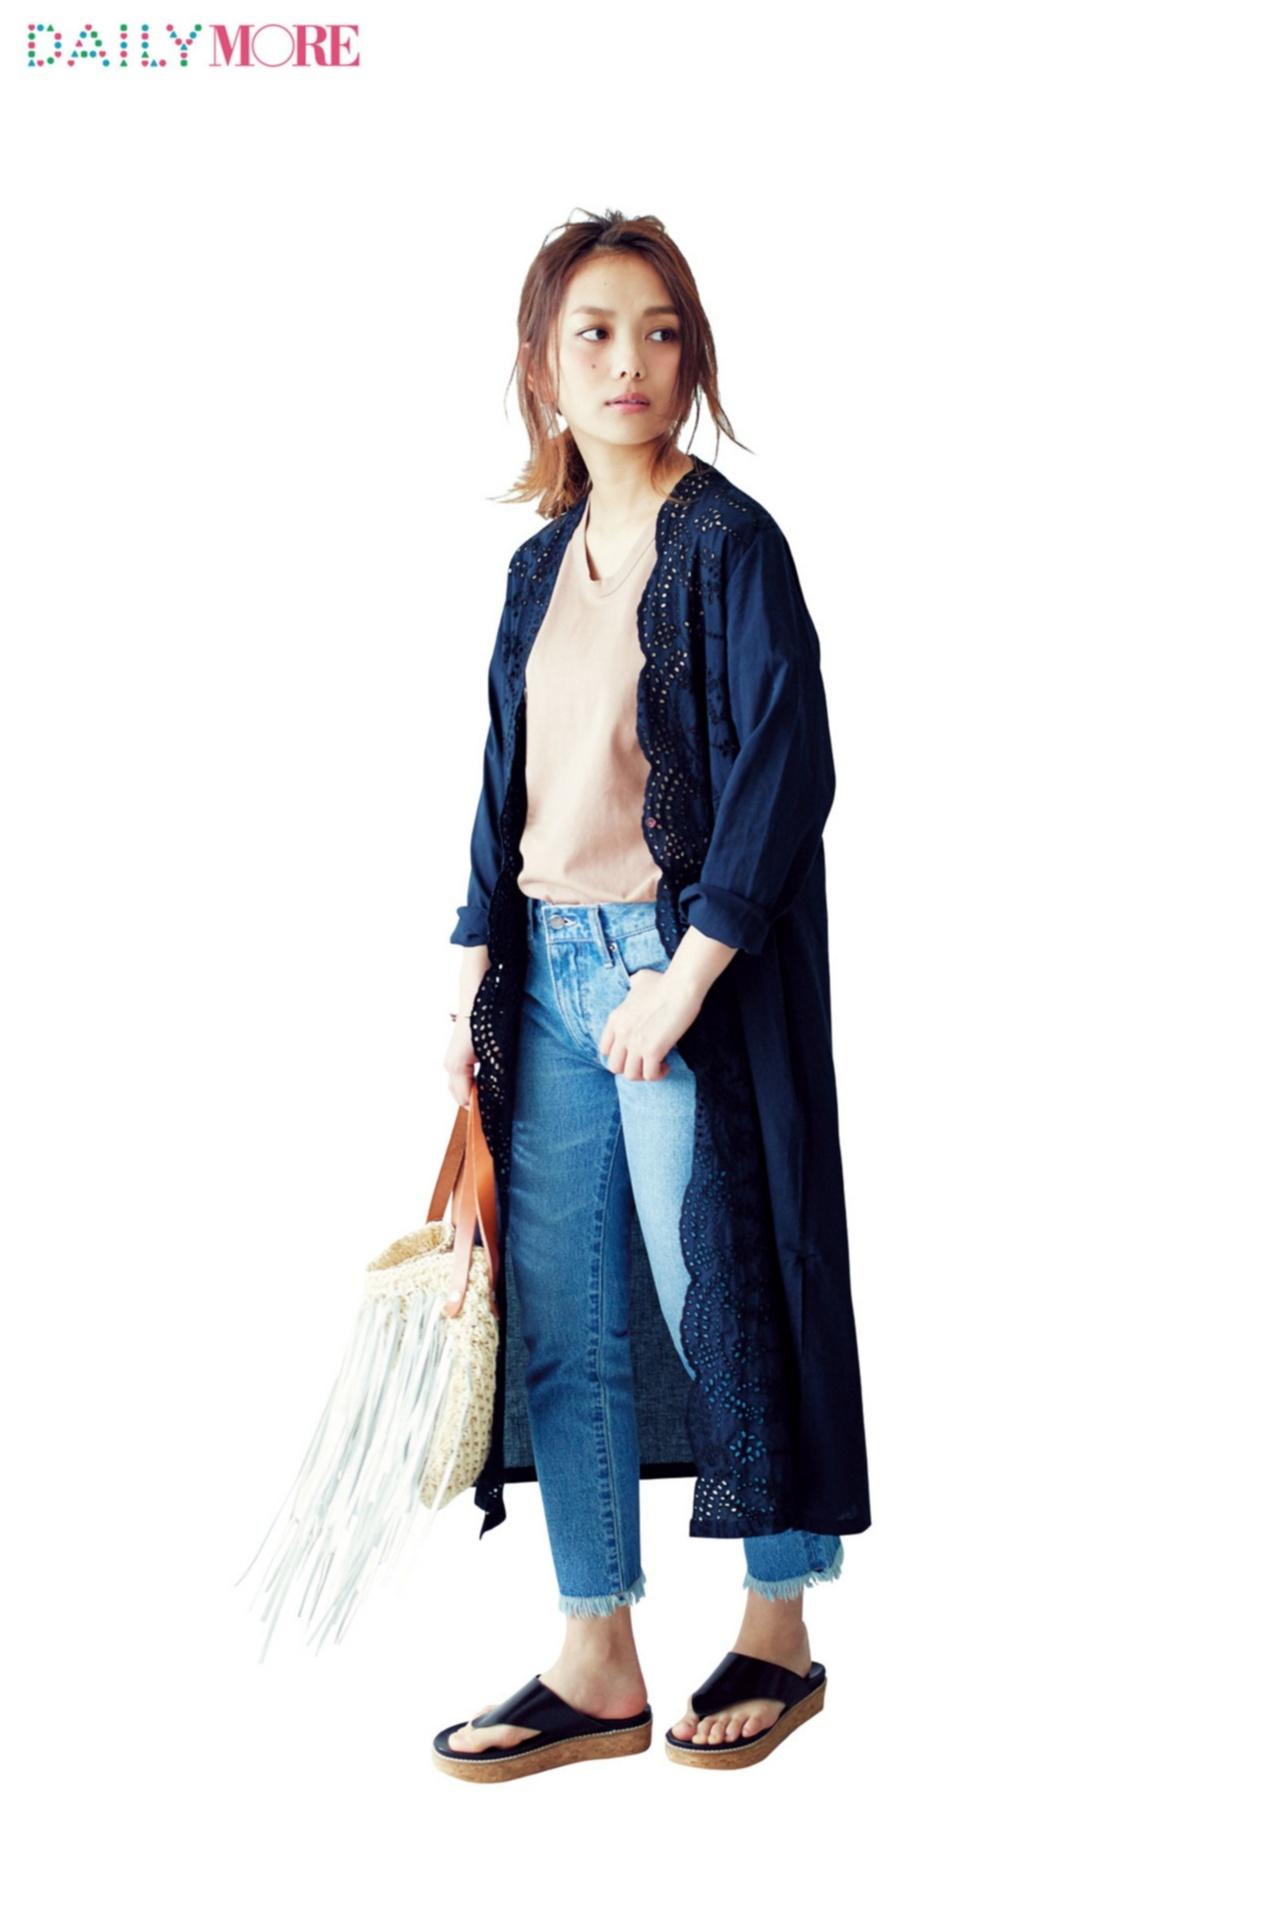 『ユニクロ』と内田理央ランジェリーで夏おしゃれはカンペキ♡ 今週のランキングトップ3!_1